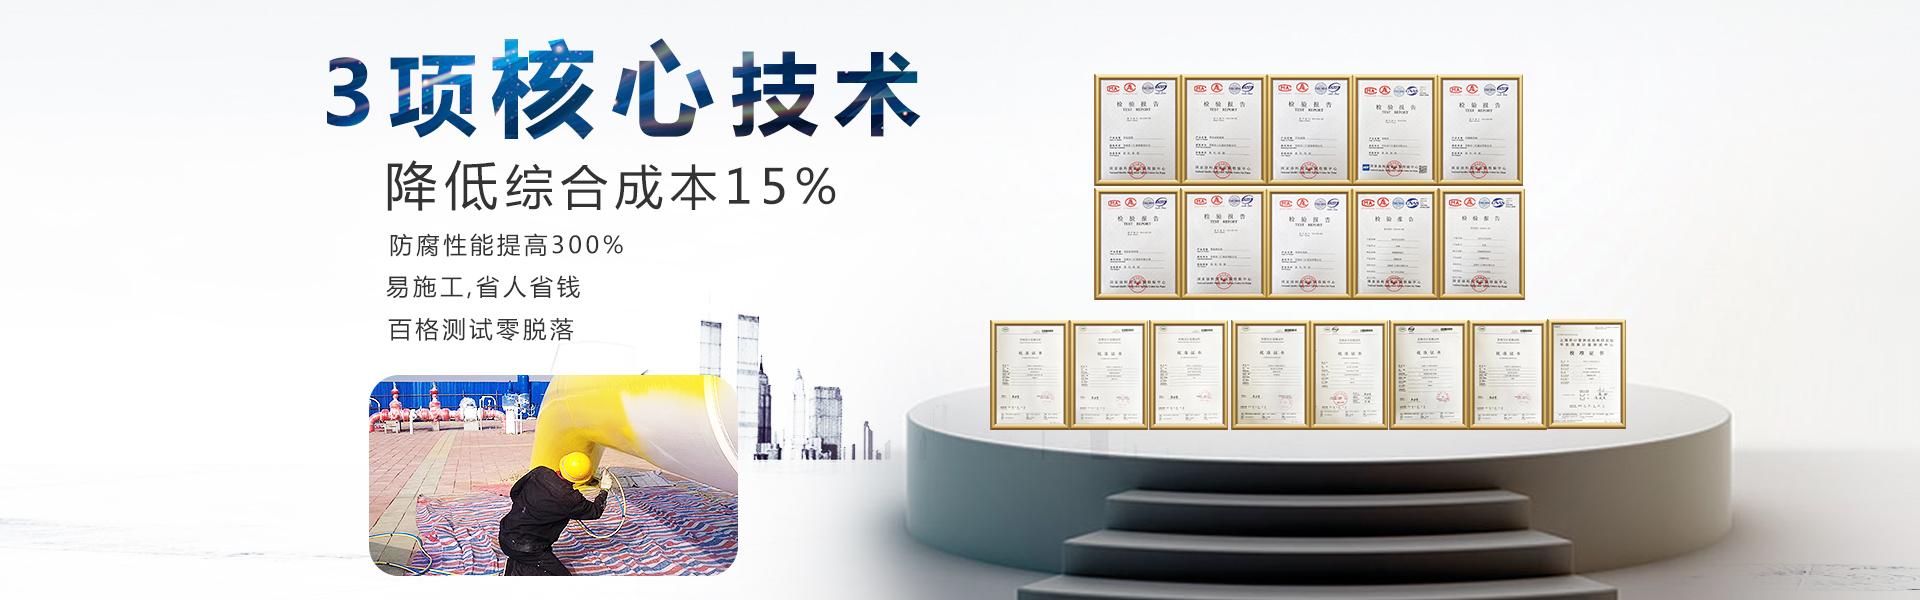 三汇工业防腐漆3项核心技术